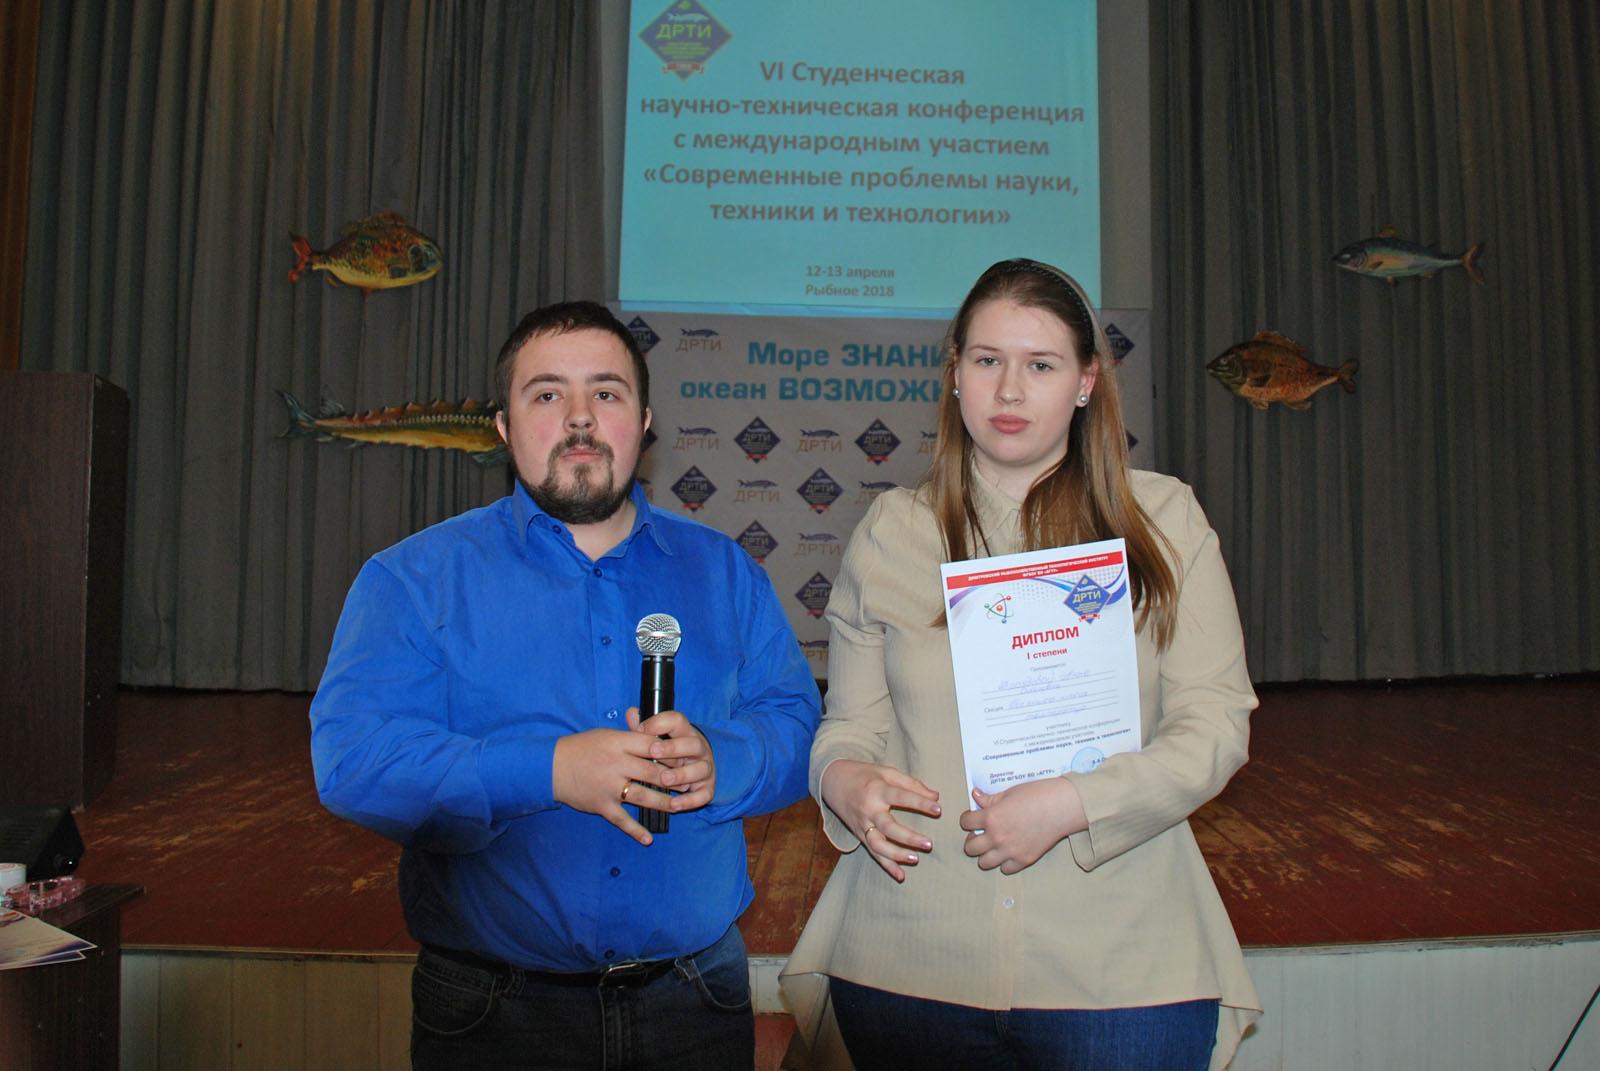 В ДРТИ состоялась VI студенческая научно-техническая конференция